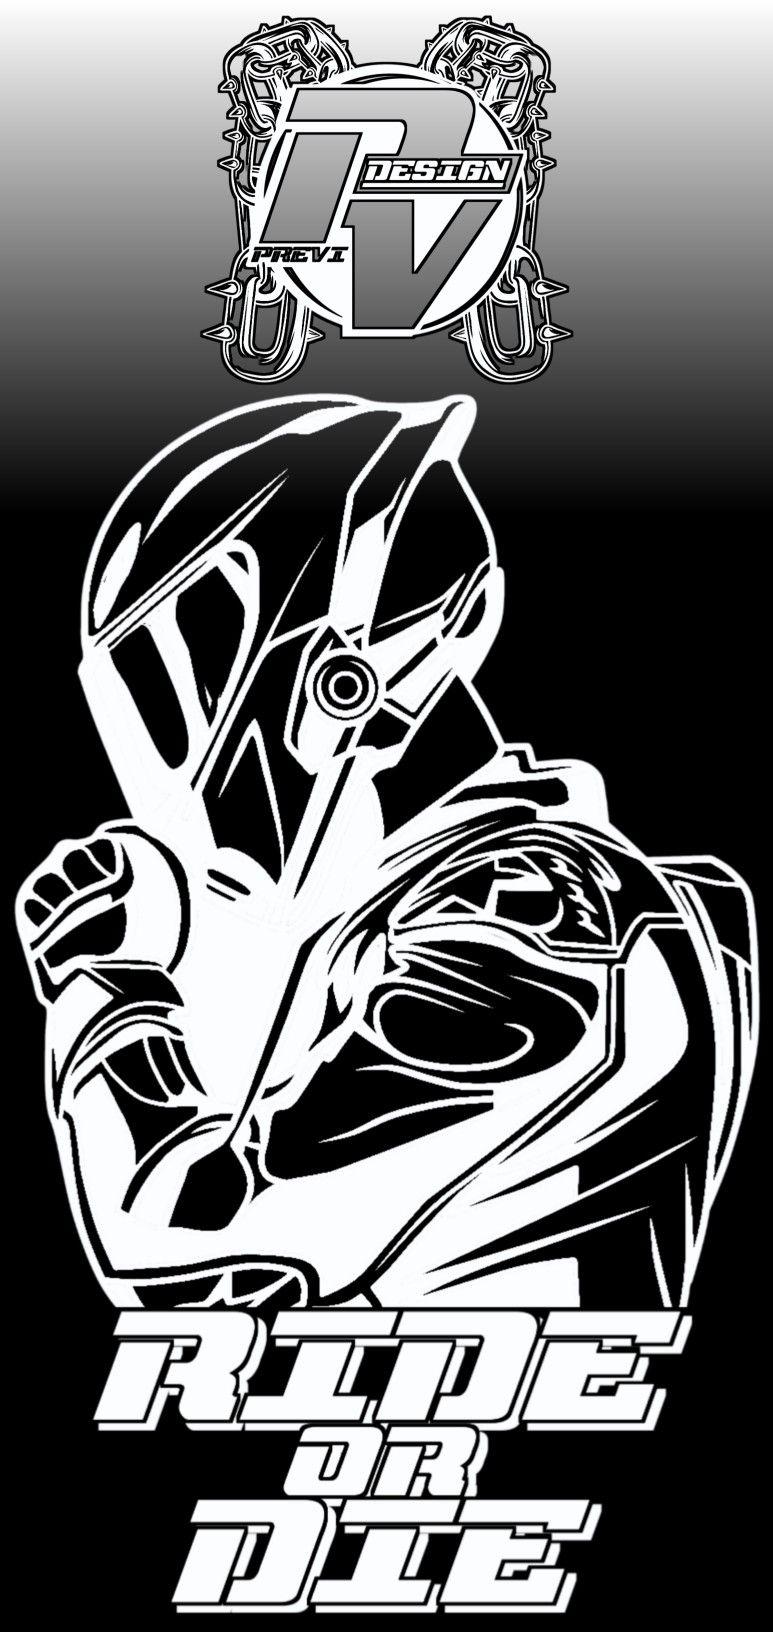 Pin Oleh Previ Design Di Wallpaper Desain Logo Otomotif Inspirasi Desain Grafis Desain Logo